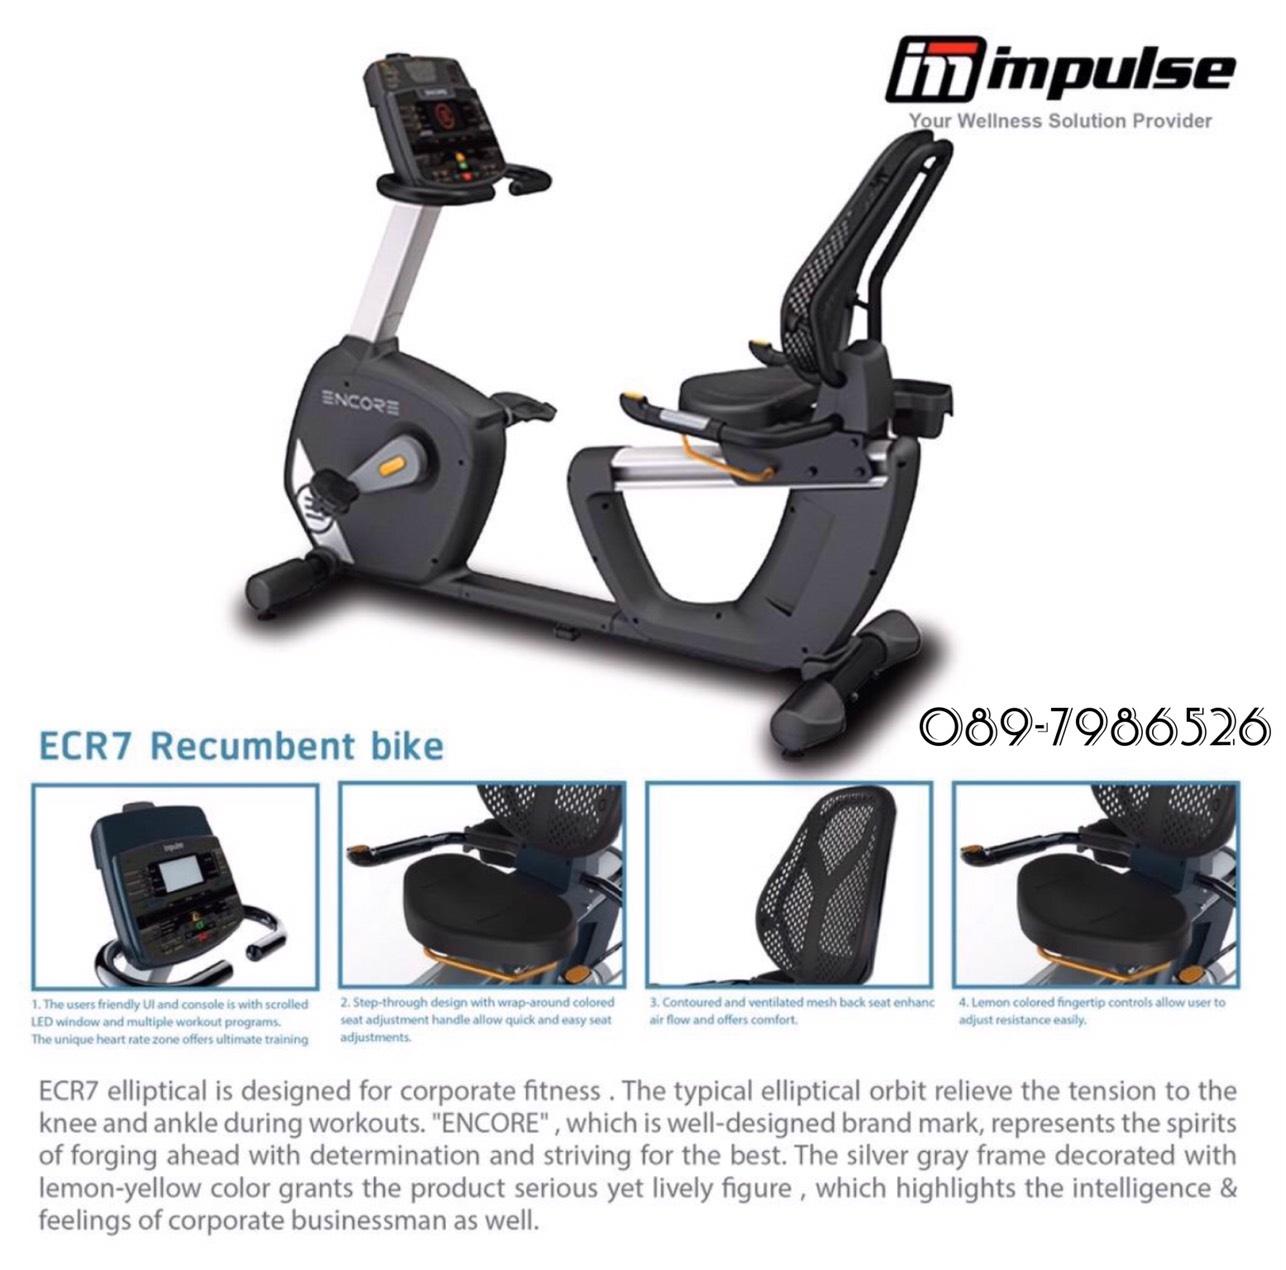 จักรยานเอนปั่น Impulse รุ่น ECR7